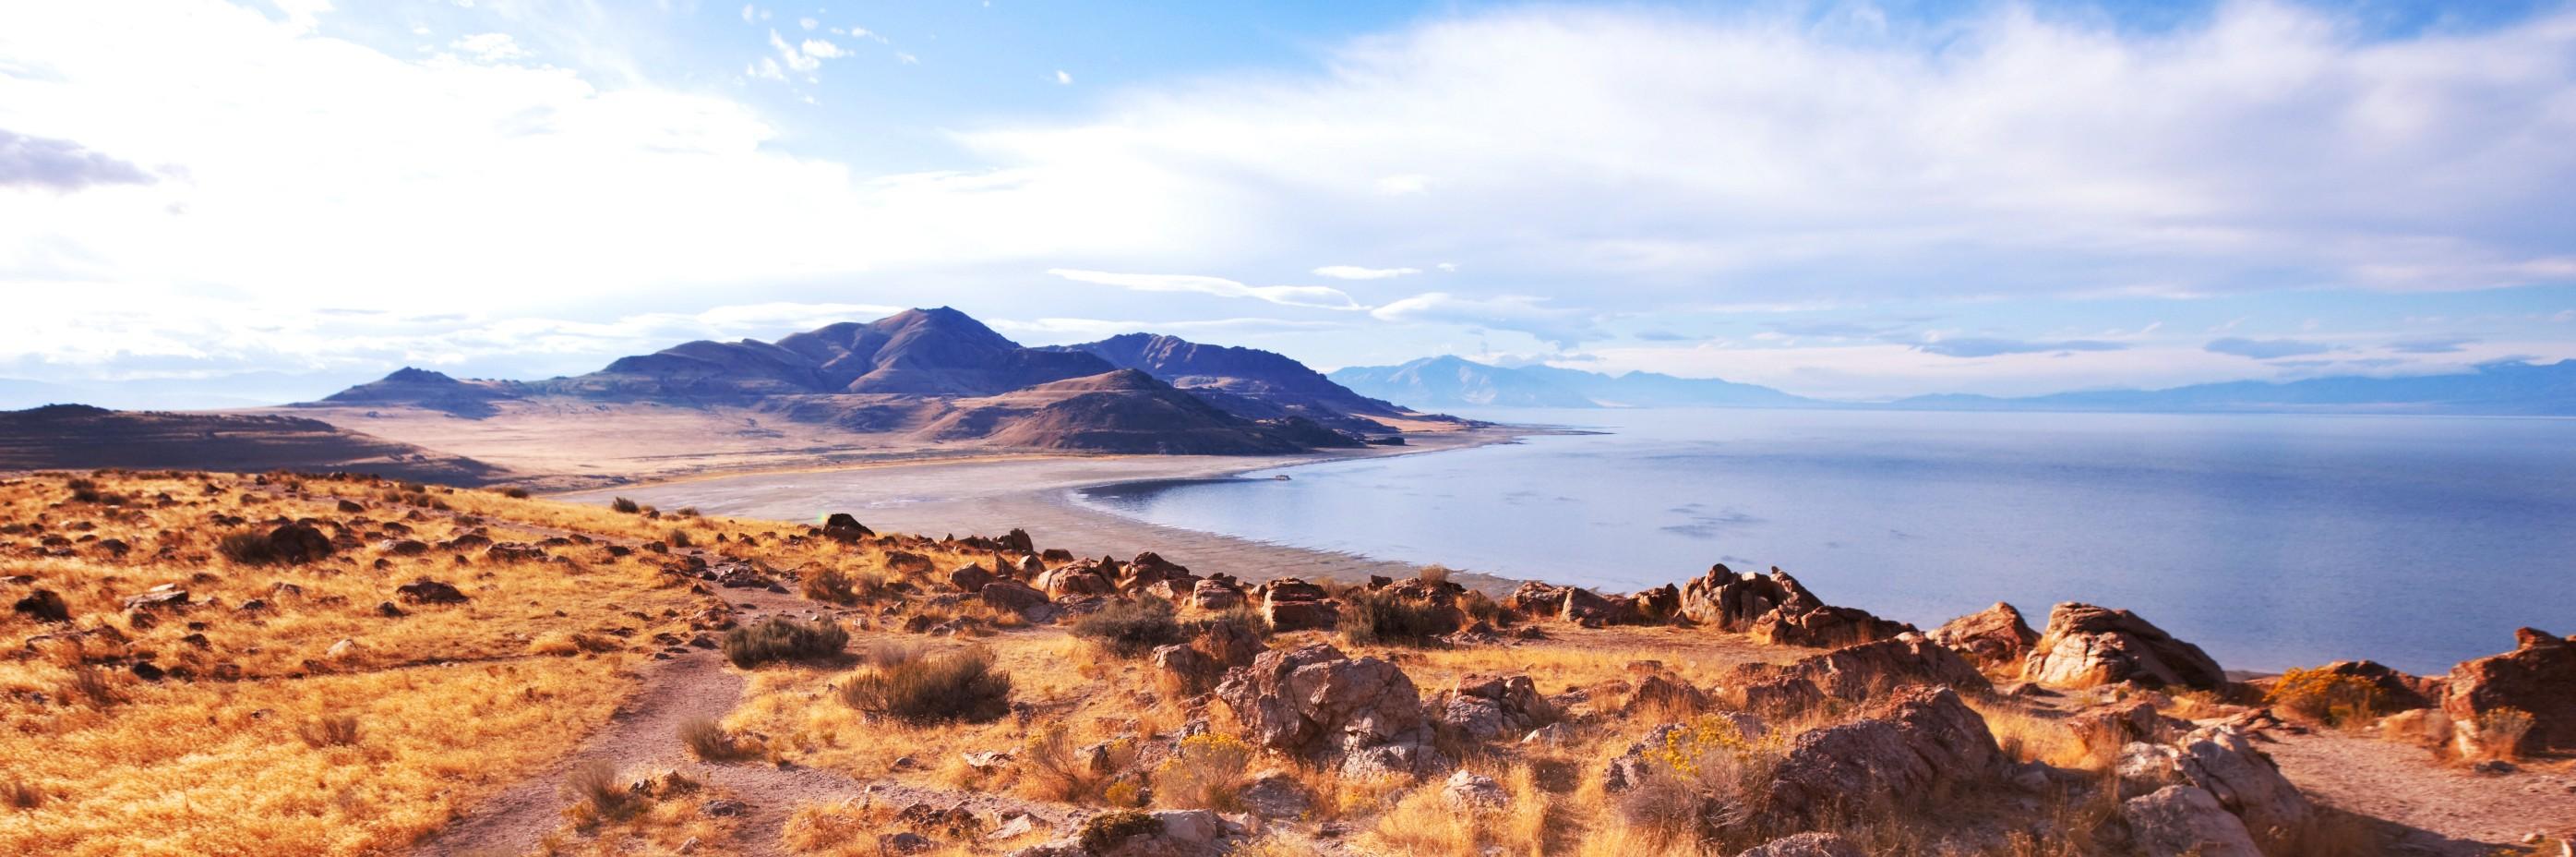 Great-Salt-Lake-Image-e1452191194272